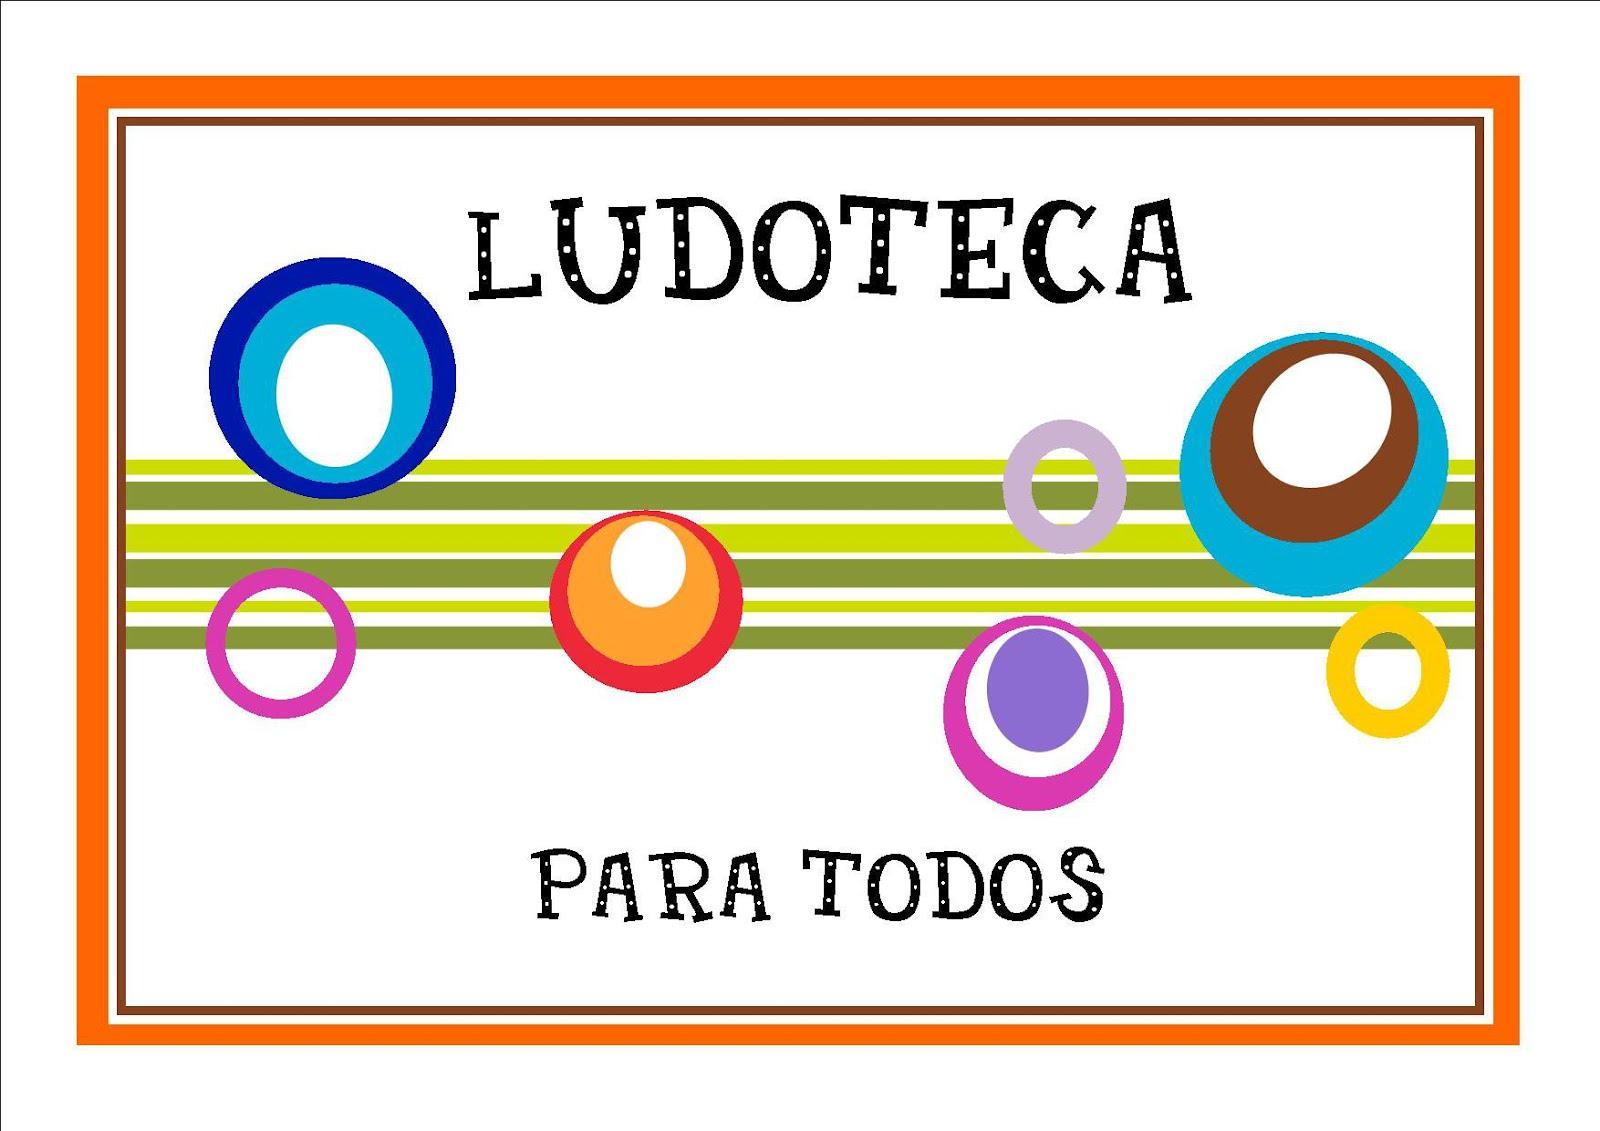 LUDOTECA CASTELAR JUEGO Y ESTIMULACION ZONA OESTE